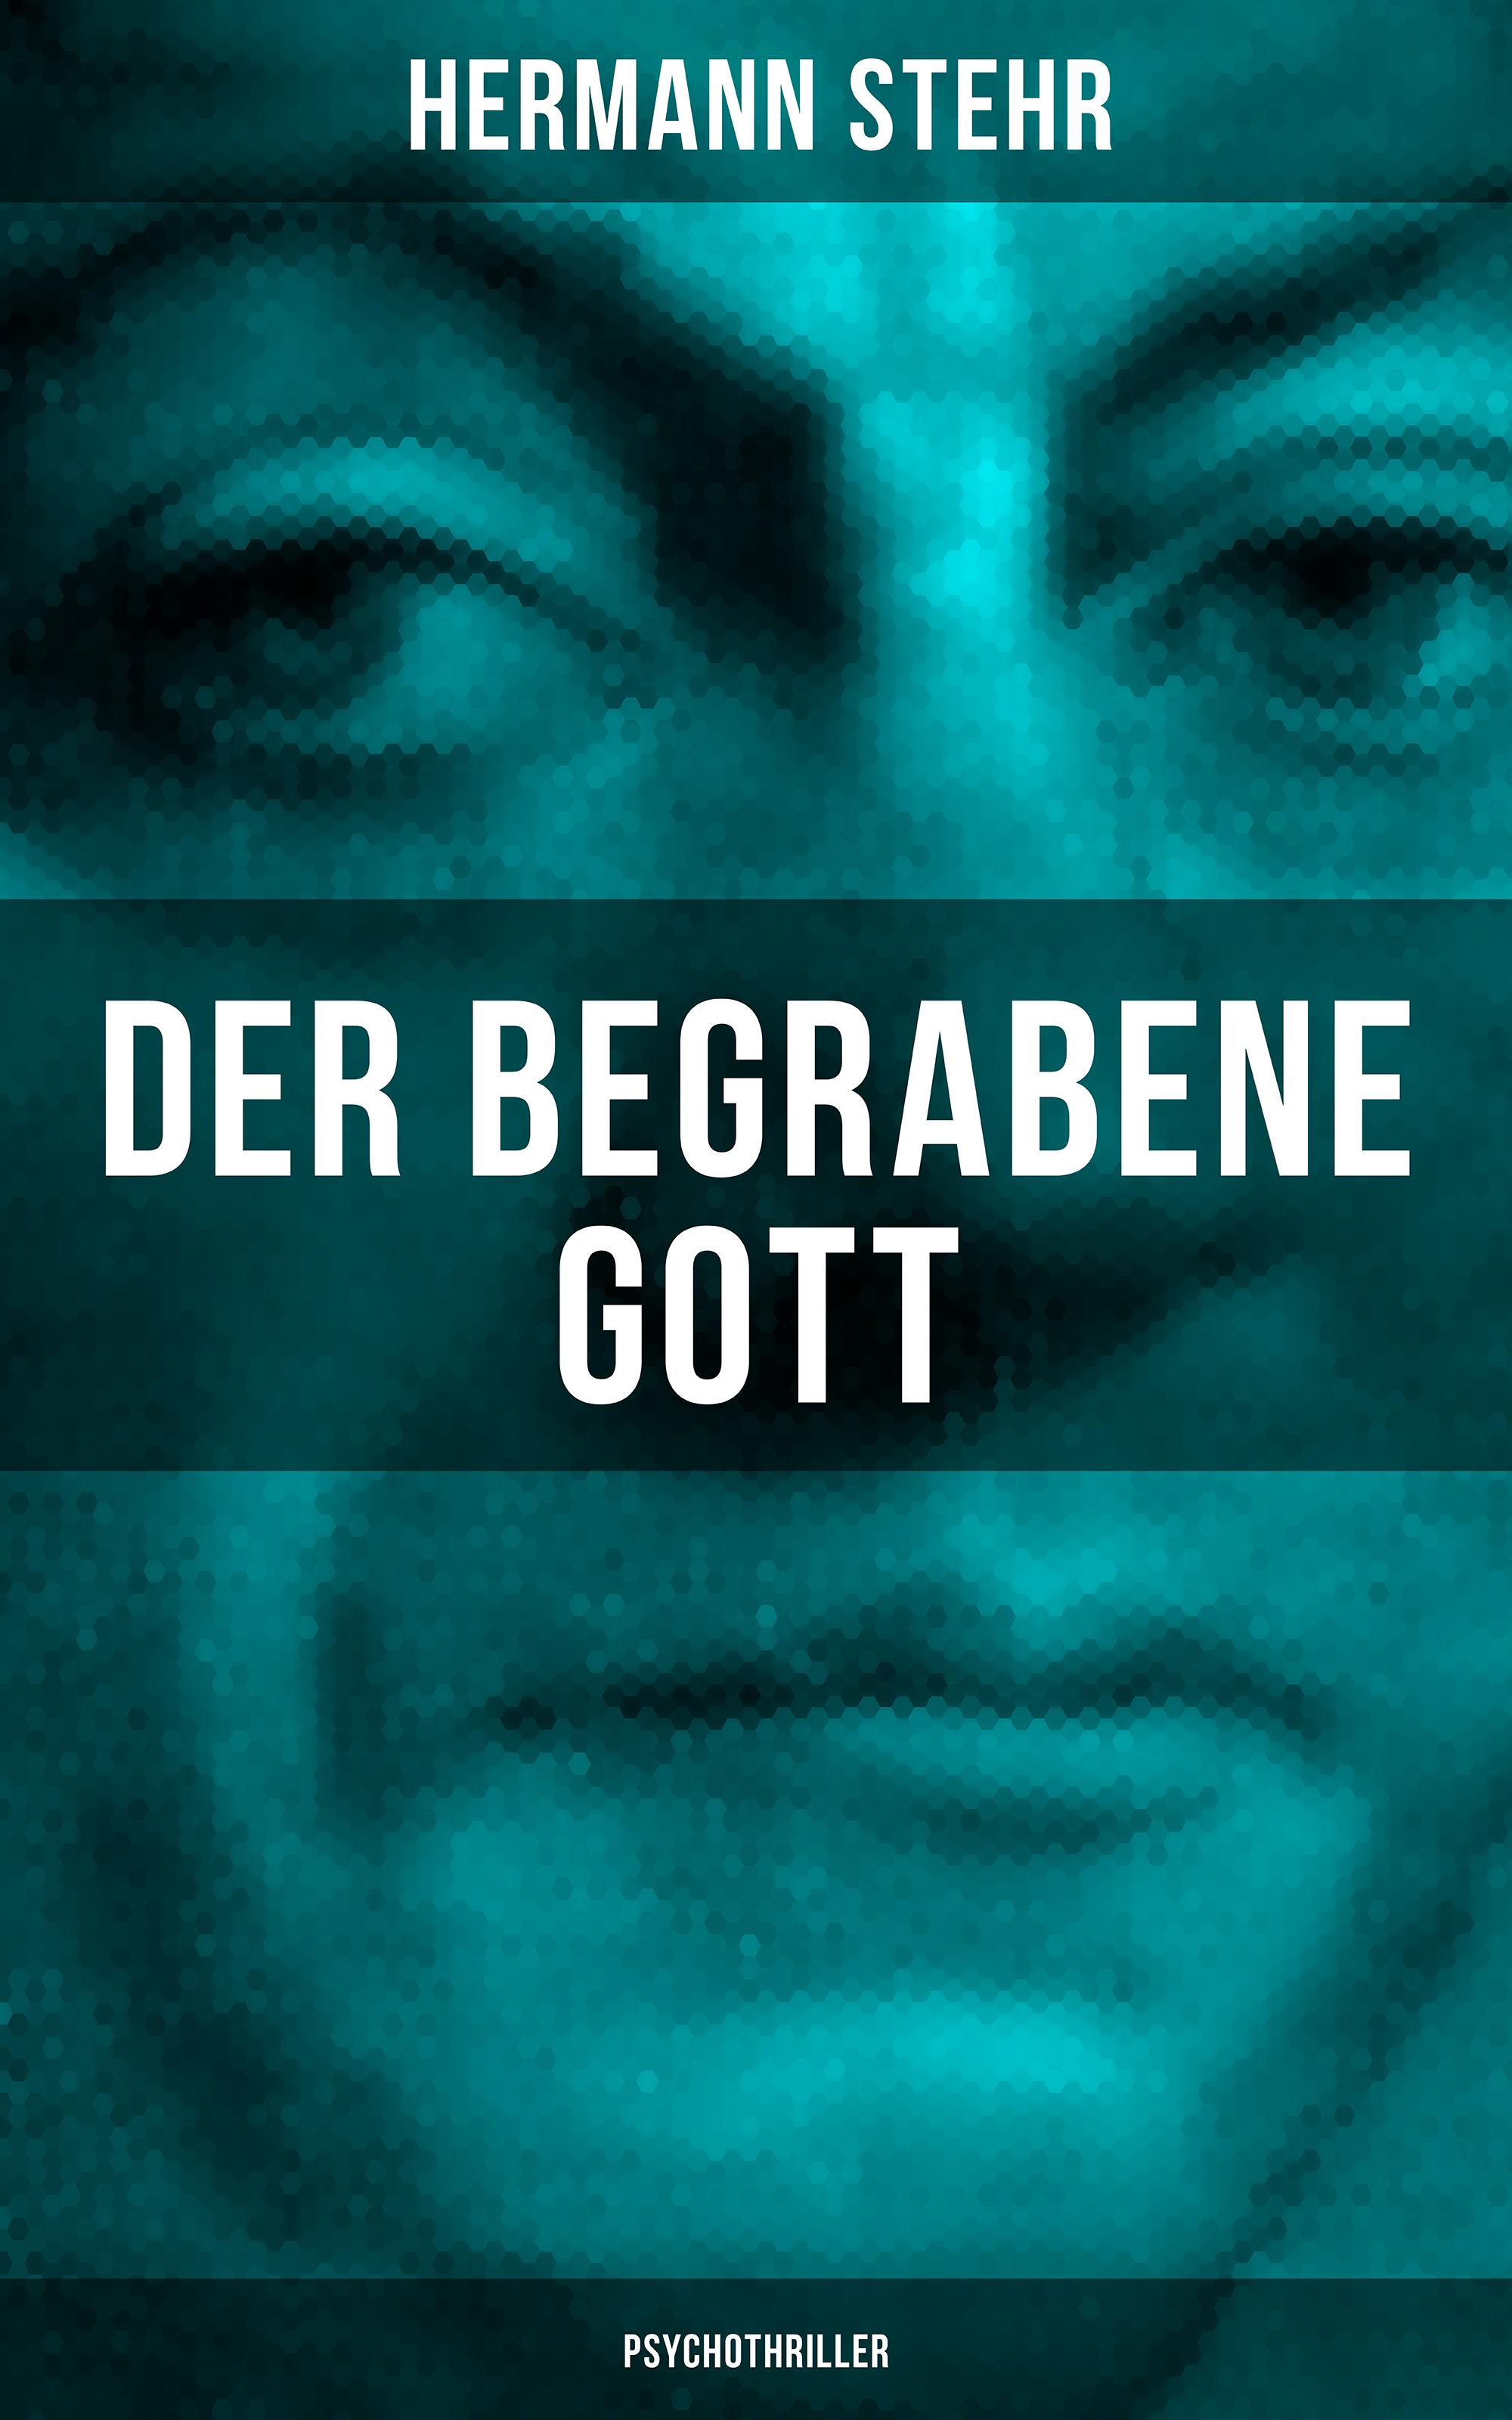 Hermann Stehr Der begrabene Gott (Psychothriller) hermann stehr der heiligenhof heimatroman